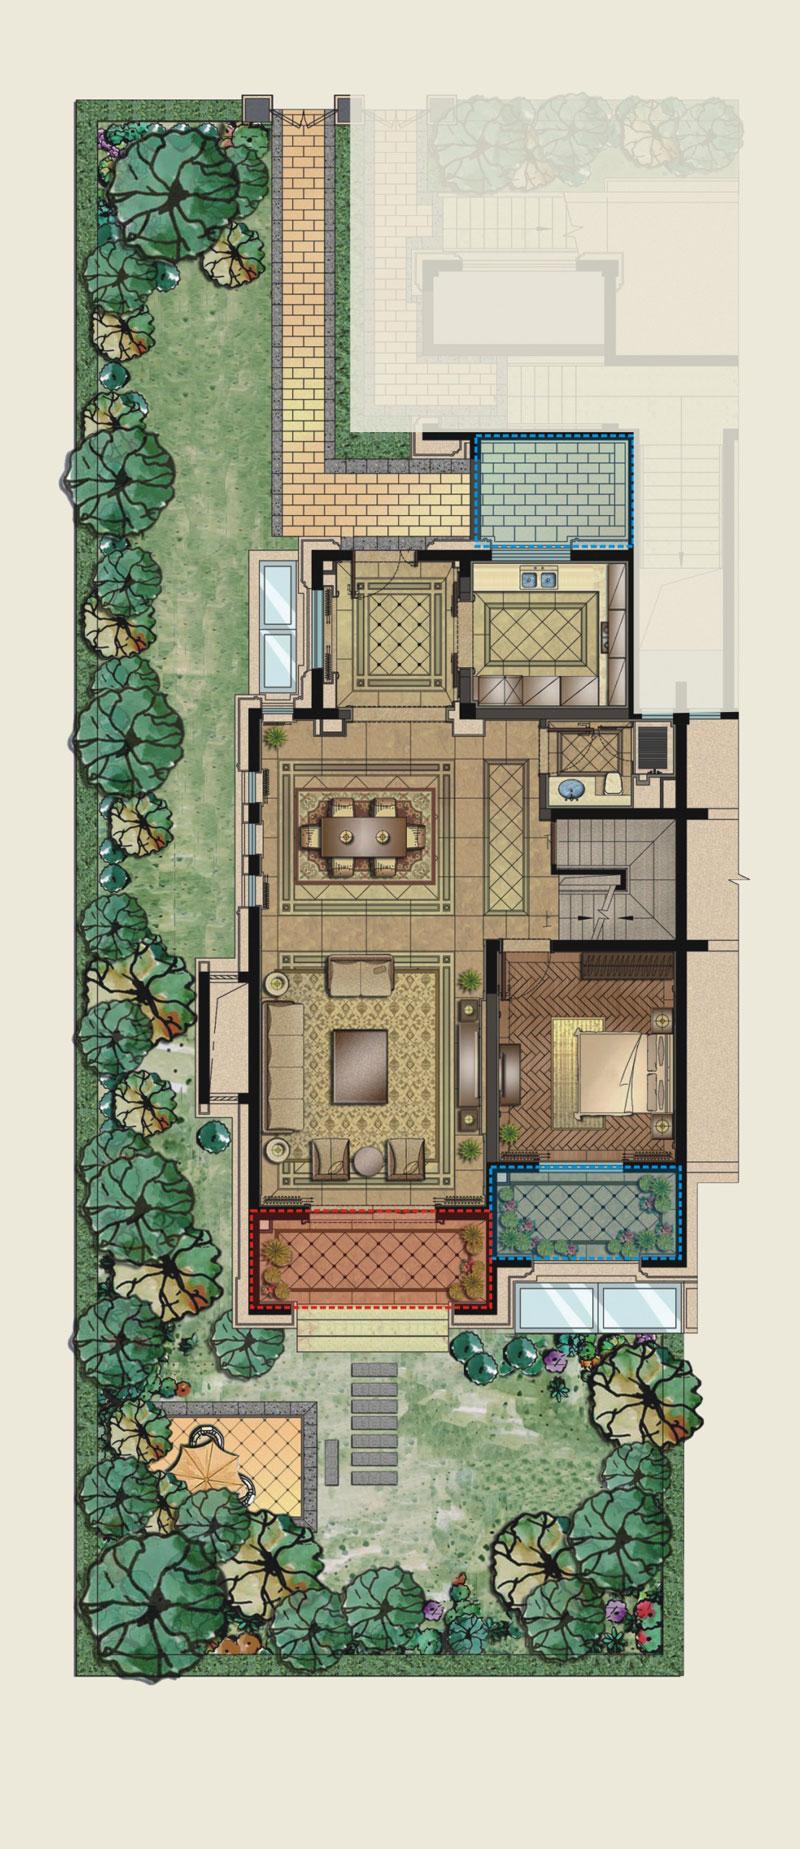 保利城庭院花界196平方米首层户型图户型